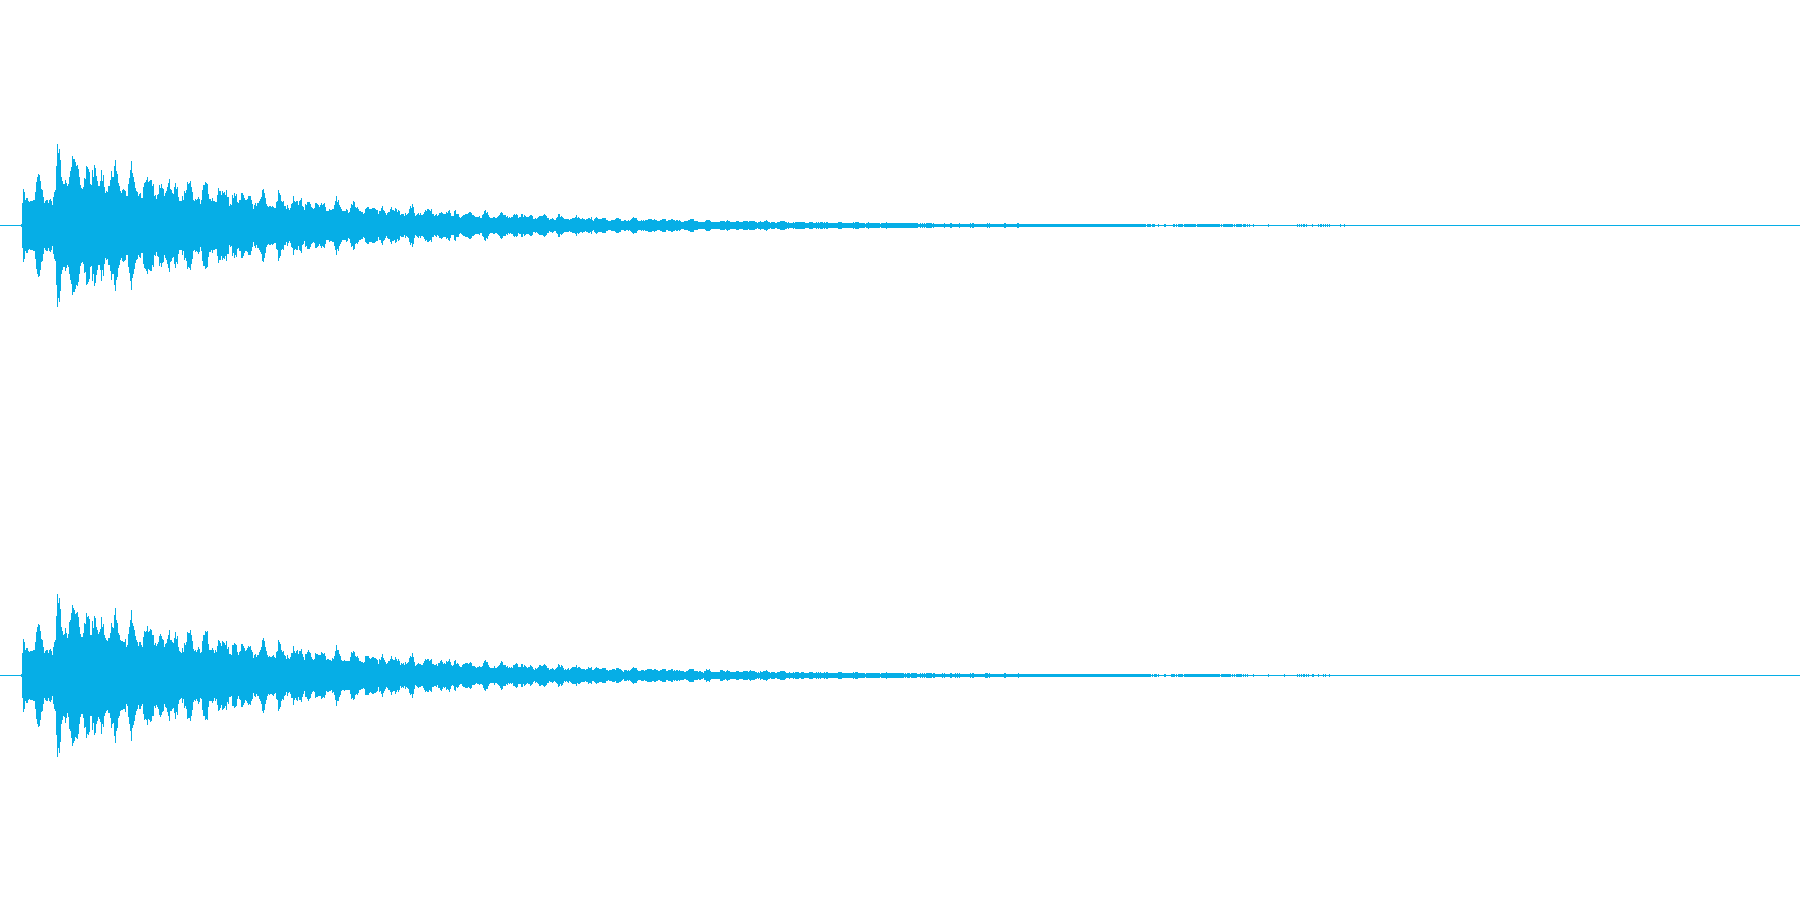 コイン、アイテム獲得 かわいいシンセ音の再生済みの波形